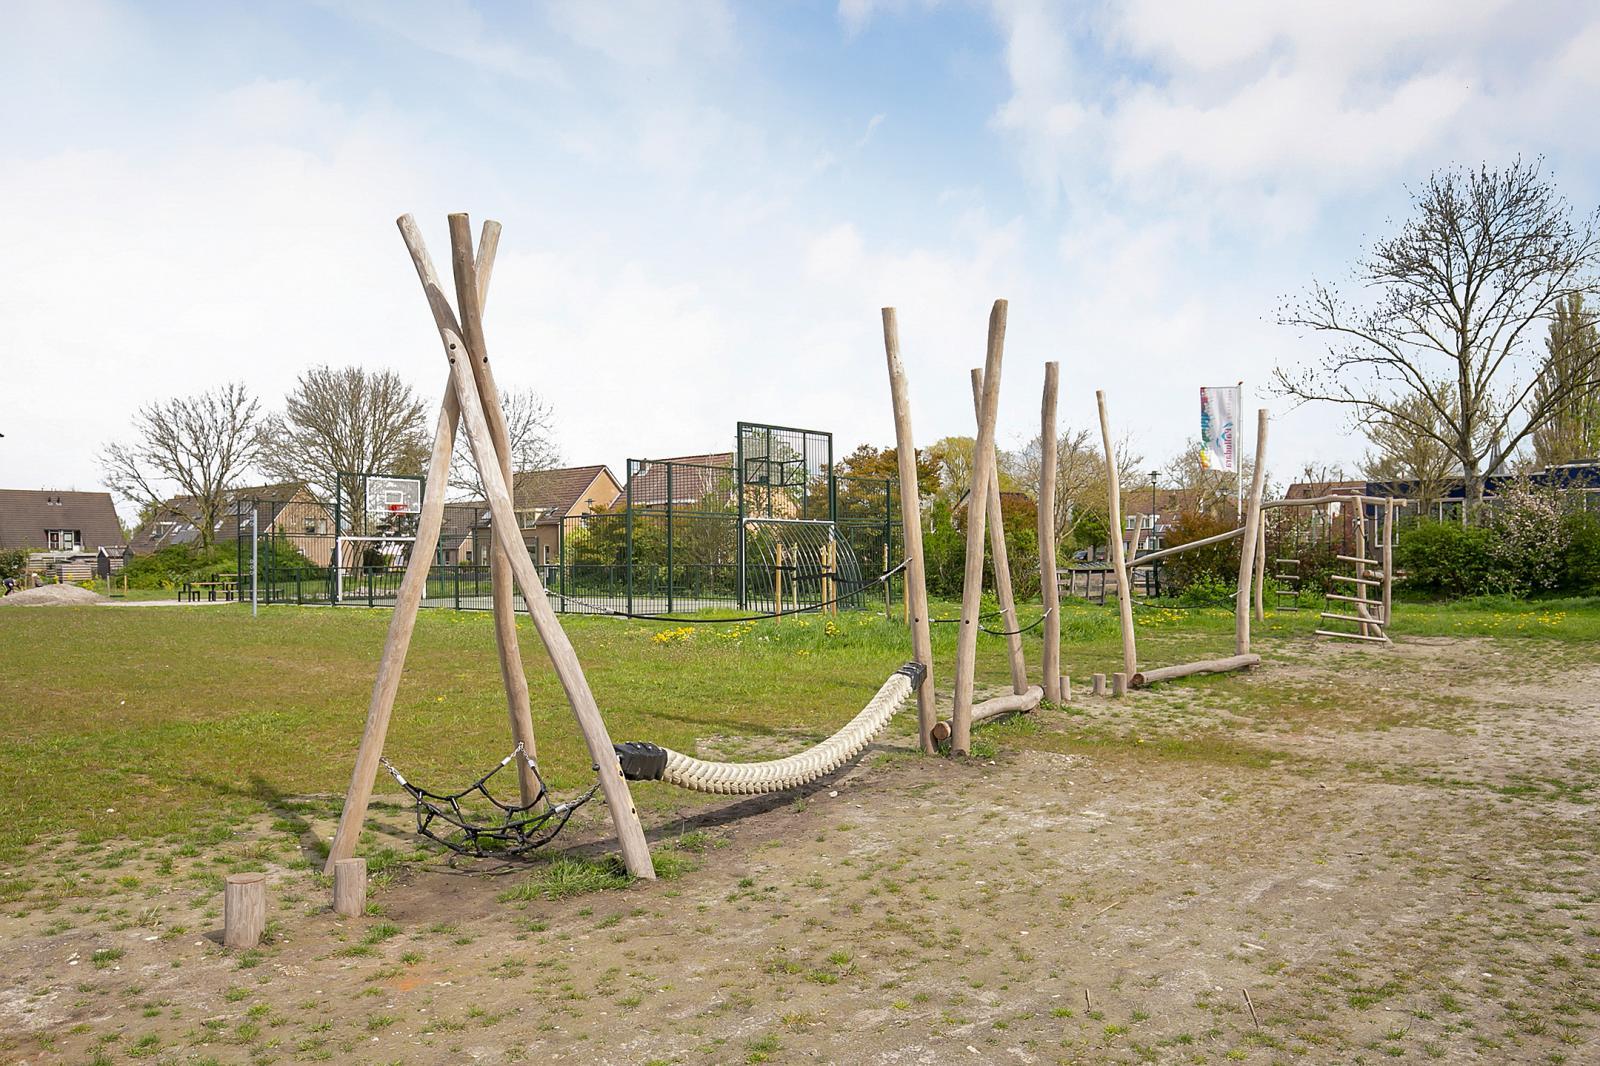 zeino-van-burmaniastrjitte-5-oppenhuizen-1218